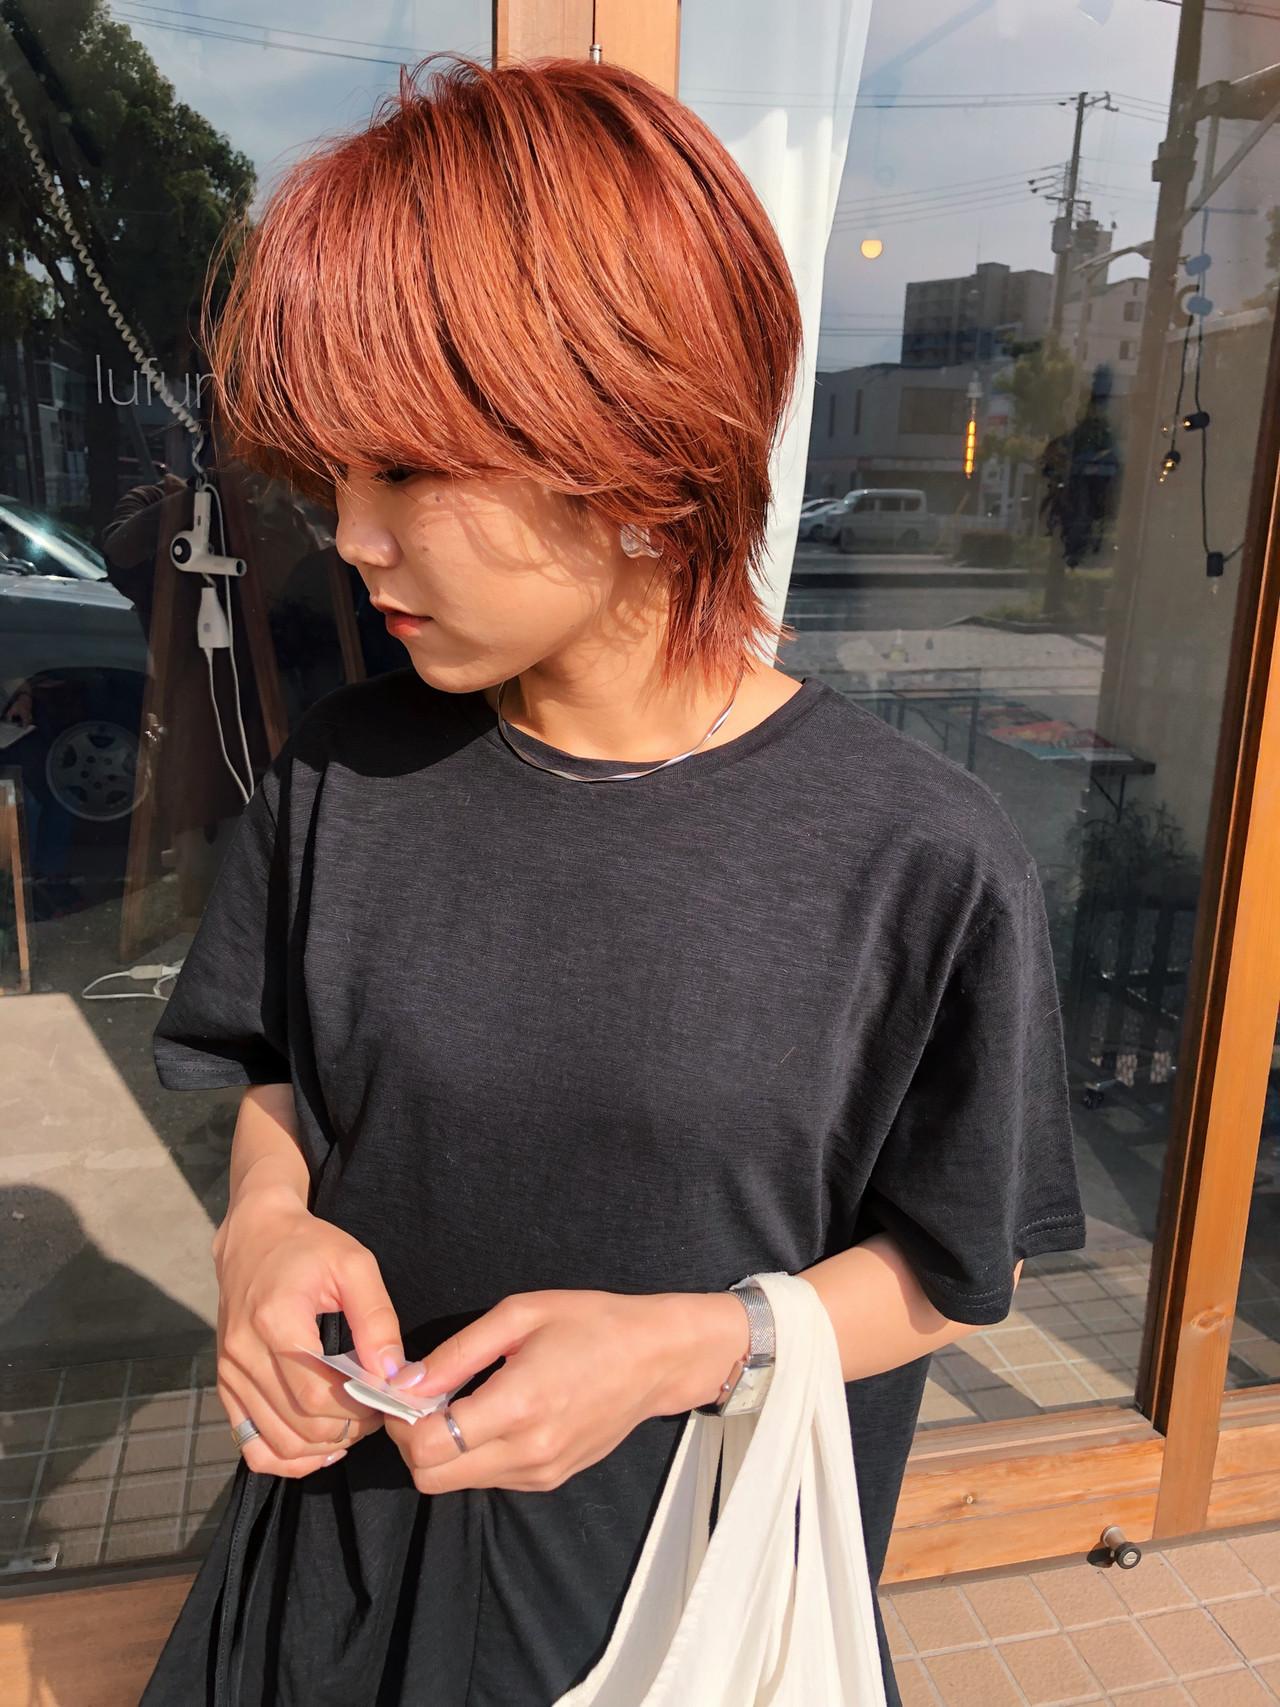 アプリコットオレンジ マッシュショート ショート ストリート ヘアスタイルや髪型の写真・画像